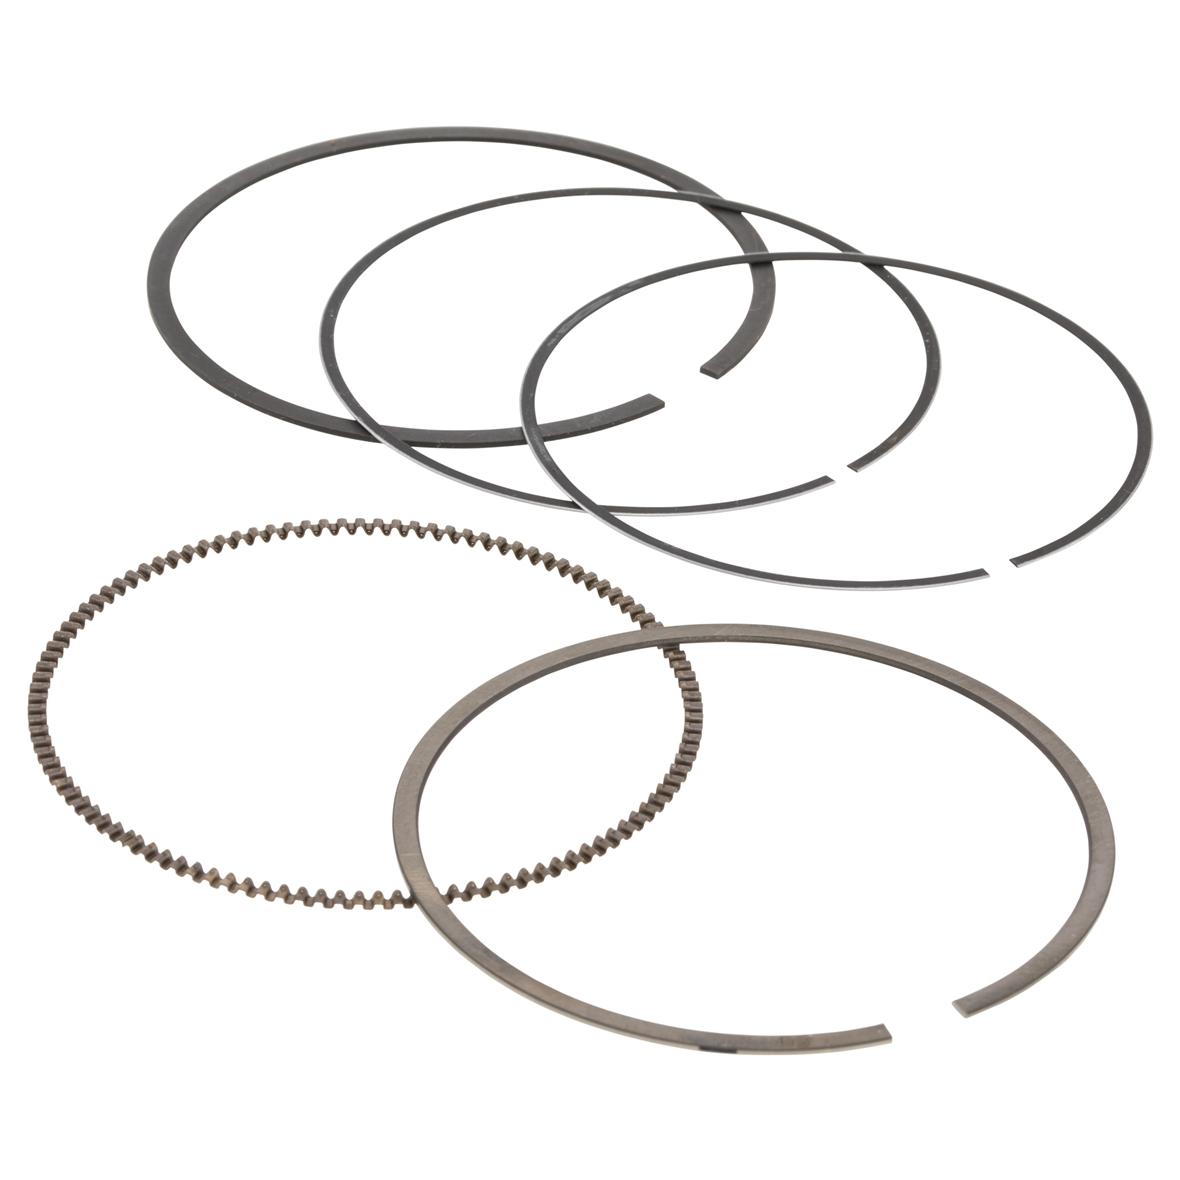 Zdjęcie produktu dla 'Komplet pierścieni tłokowych LMLTitle'